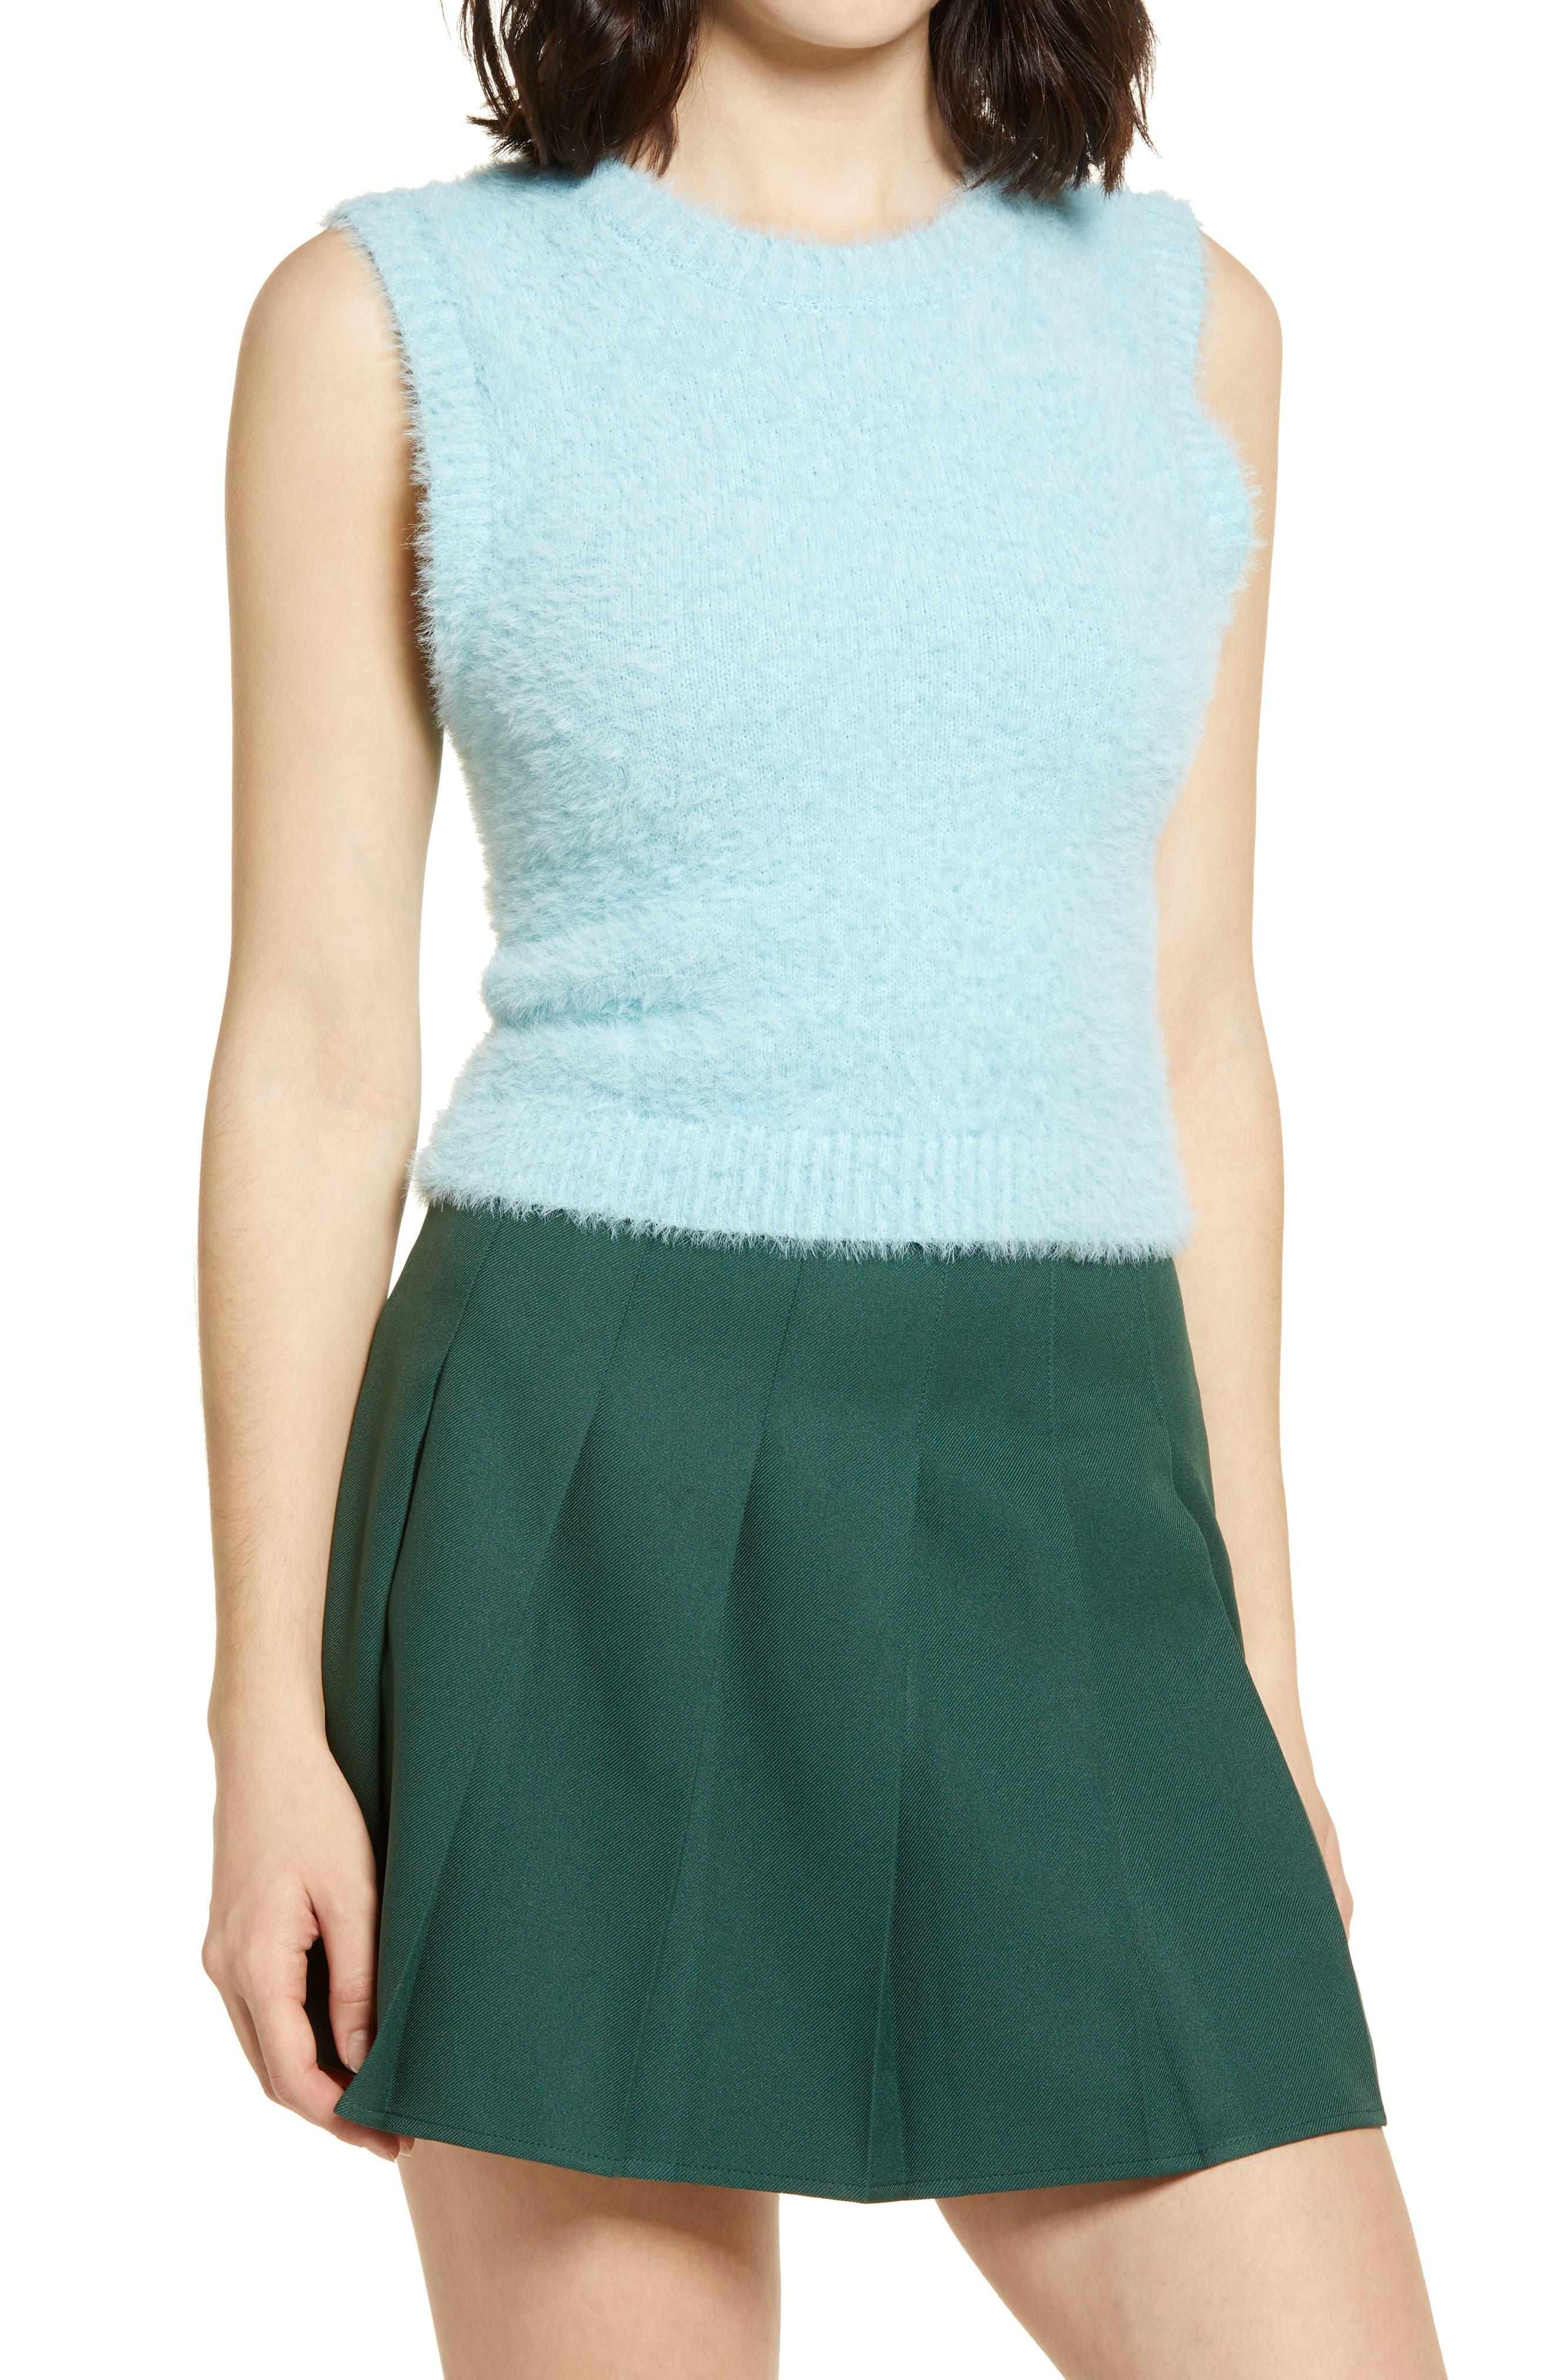 50s Shirts & Tops BP. Fitted Sweater Vest Size X-Large - Blue Glaze at Nordstrom Rack $15.97 AT vintagedancer.com